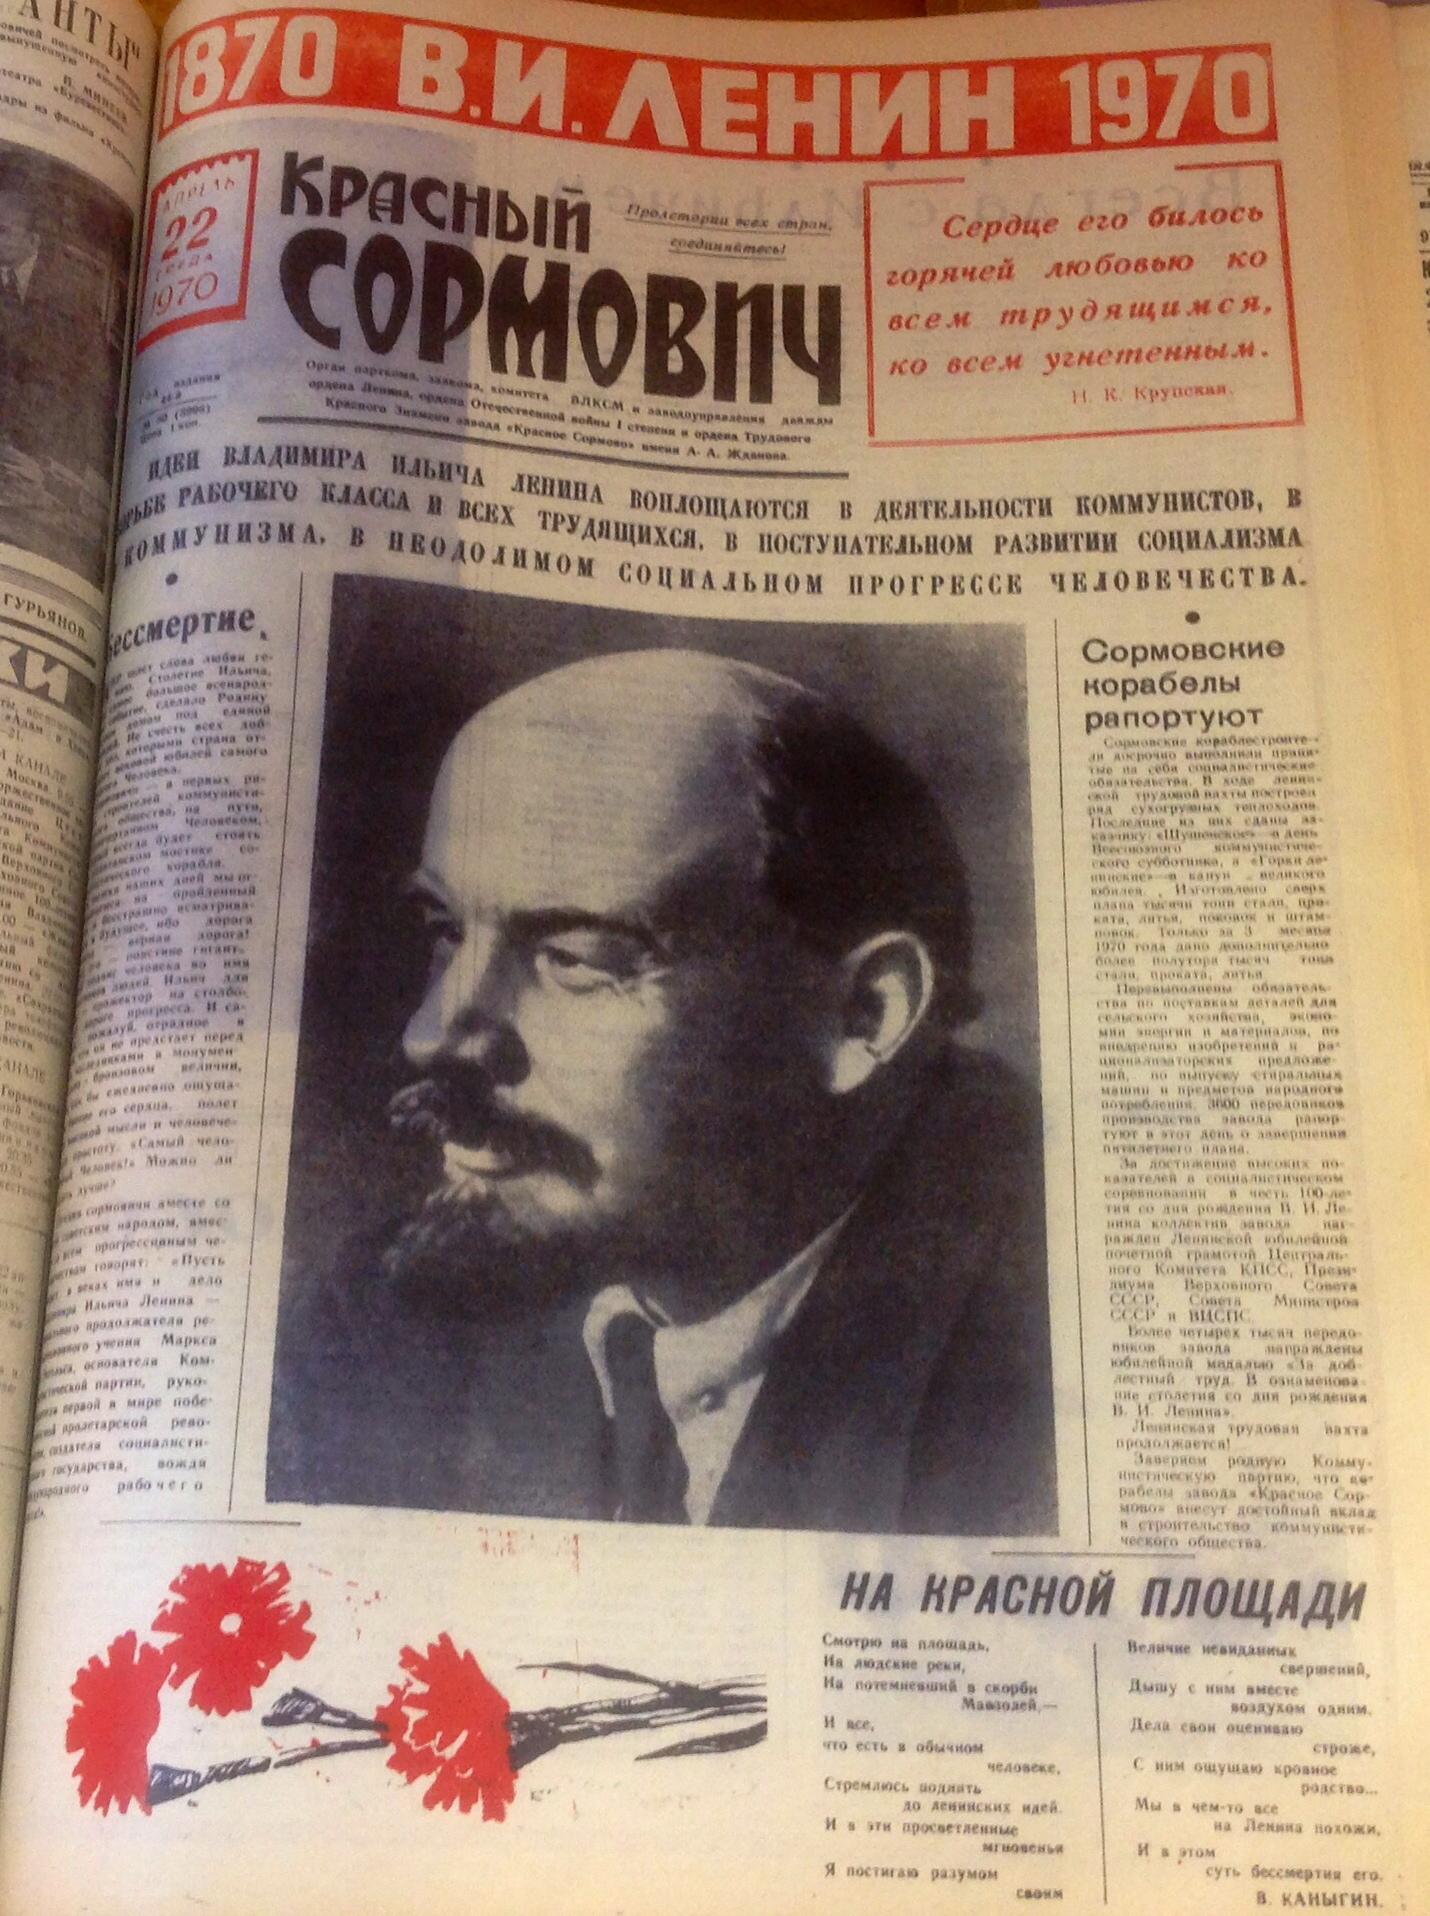 В честь 100-летия со дня рождения Ленина коллектив завода награжден почетной грамотой Центрального комитета КПСС